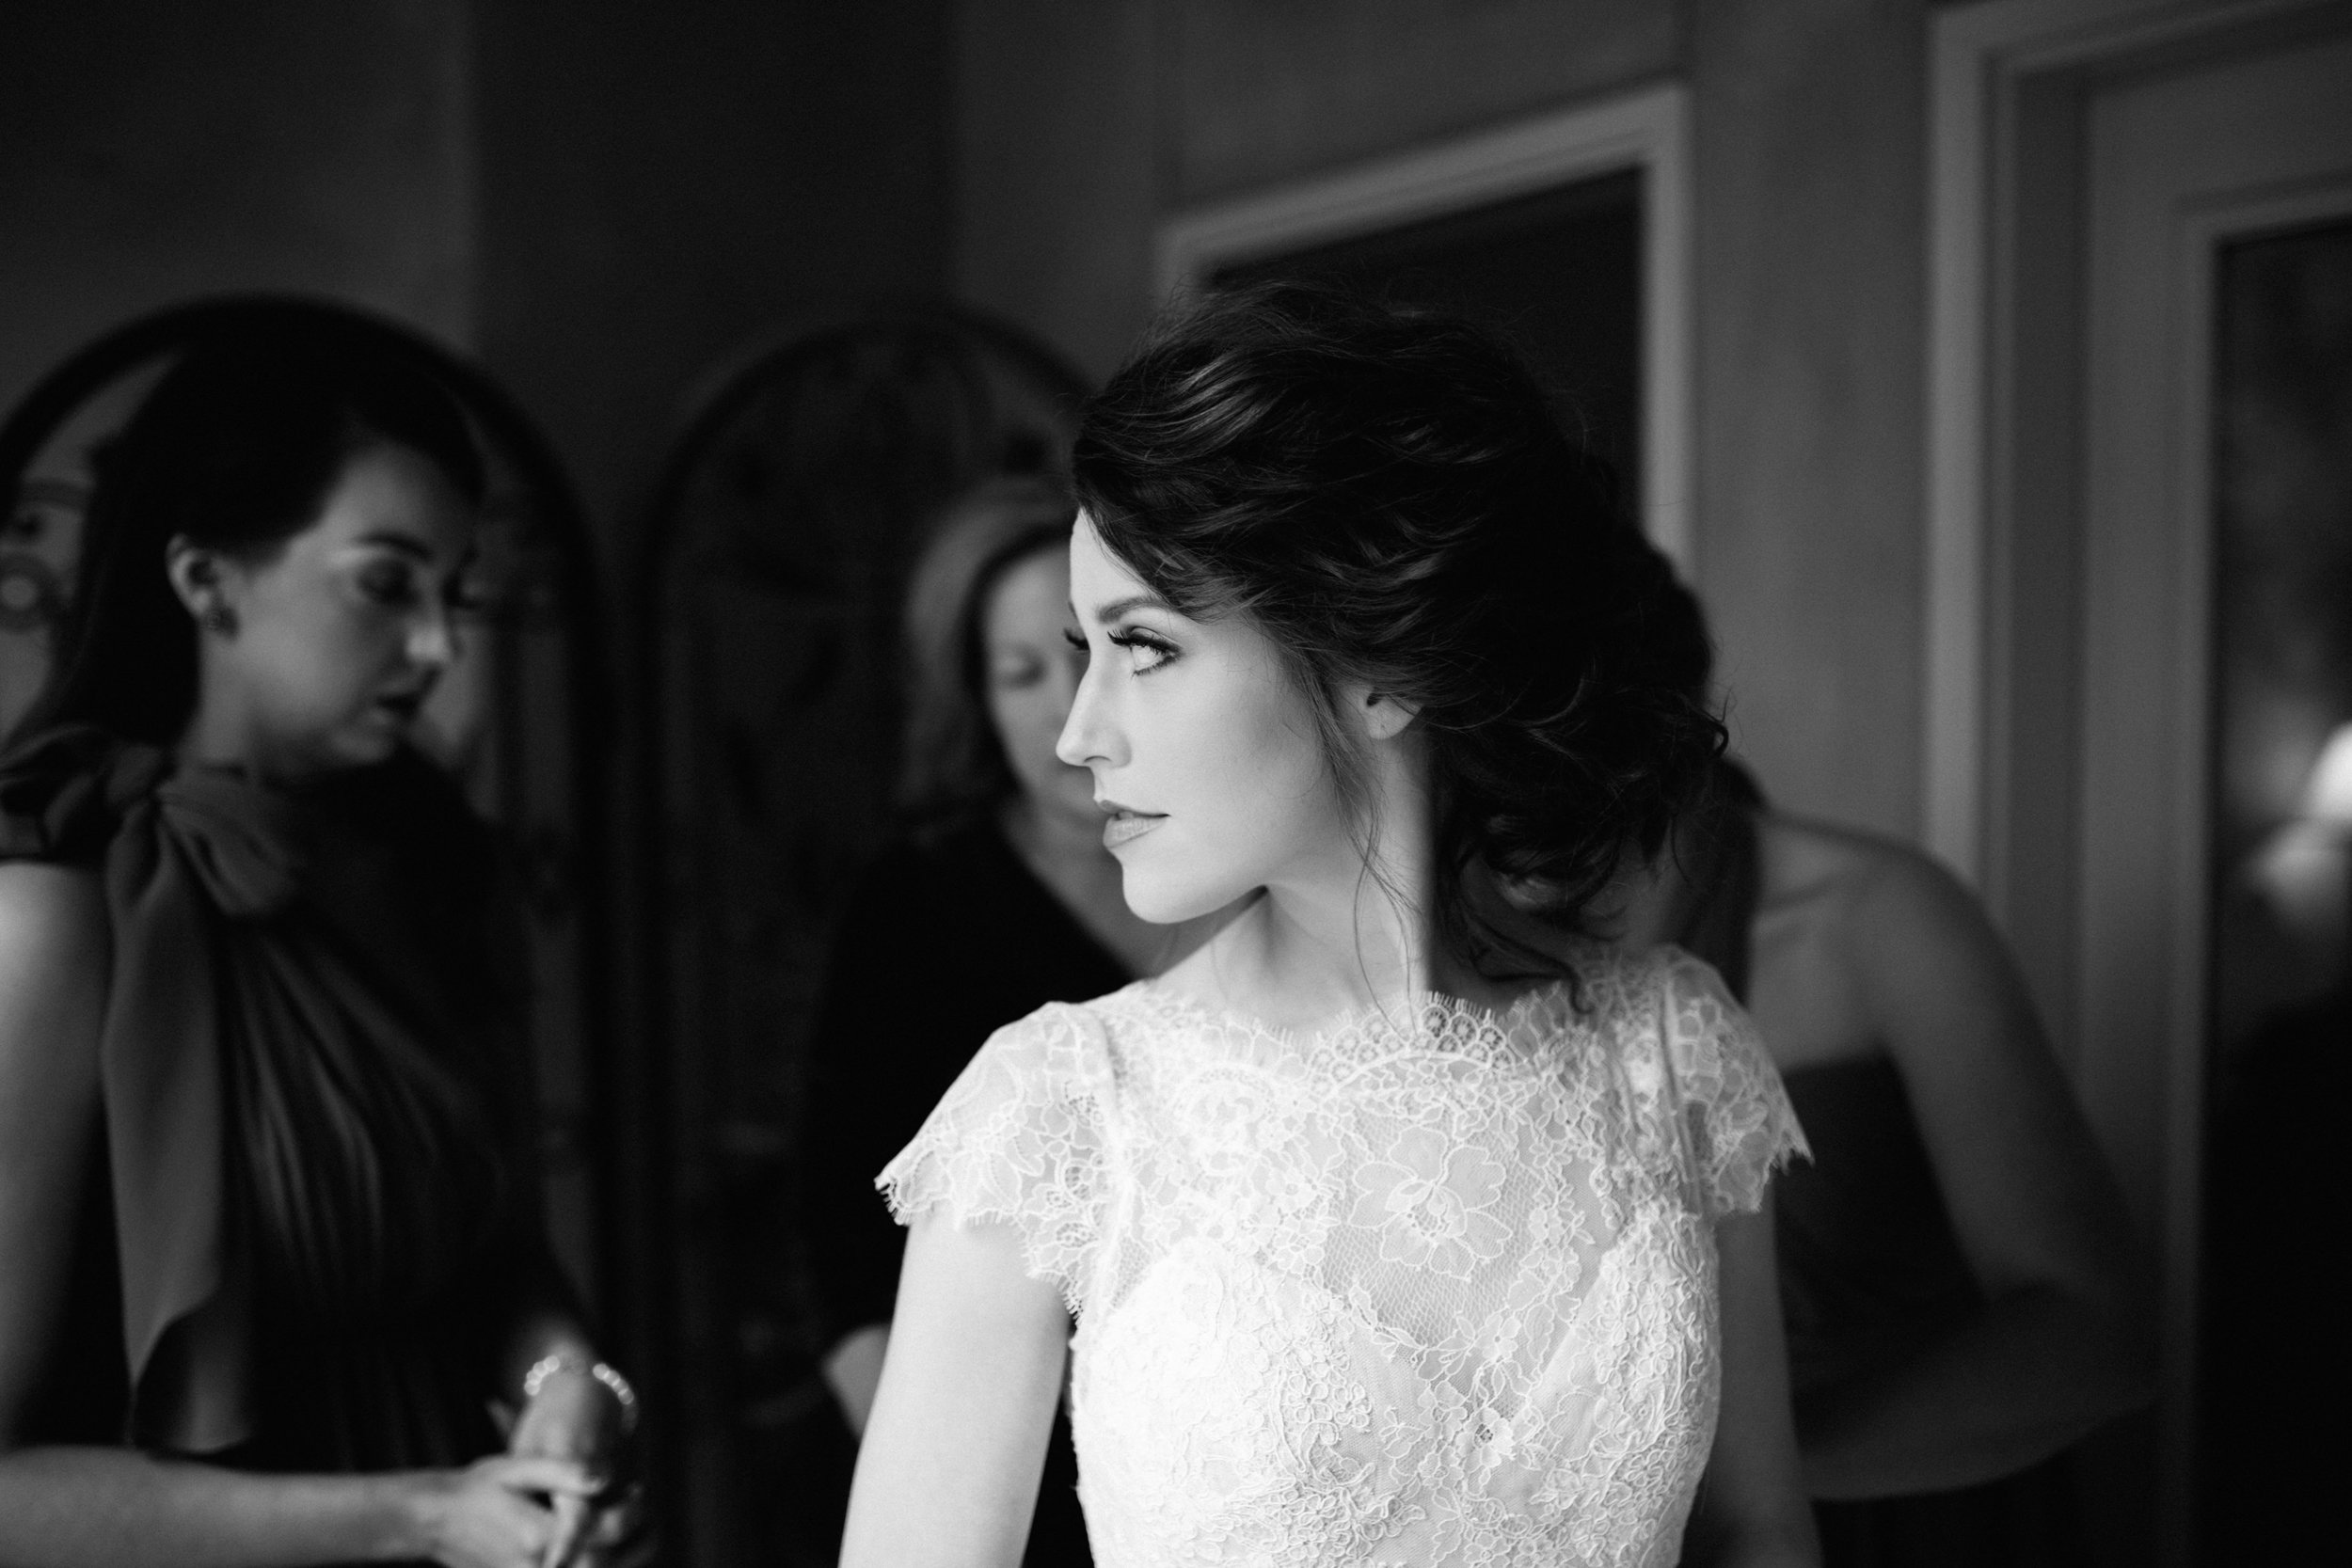 summerour-studio-wedding-6.jpg